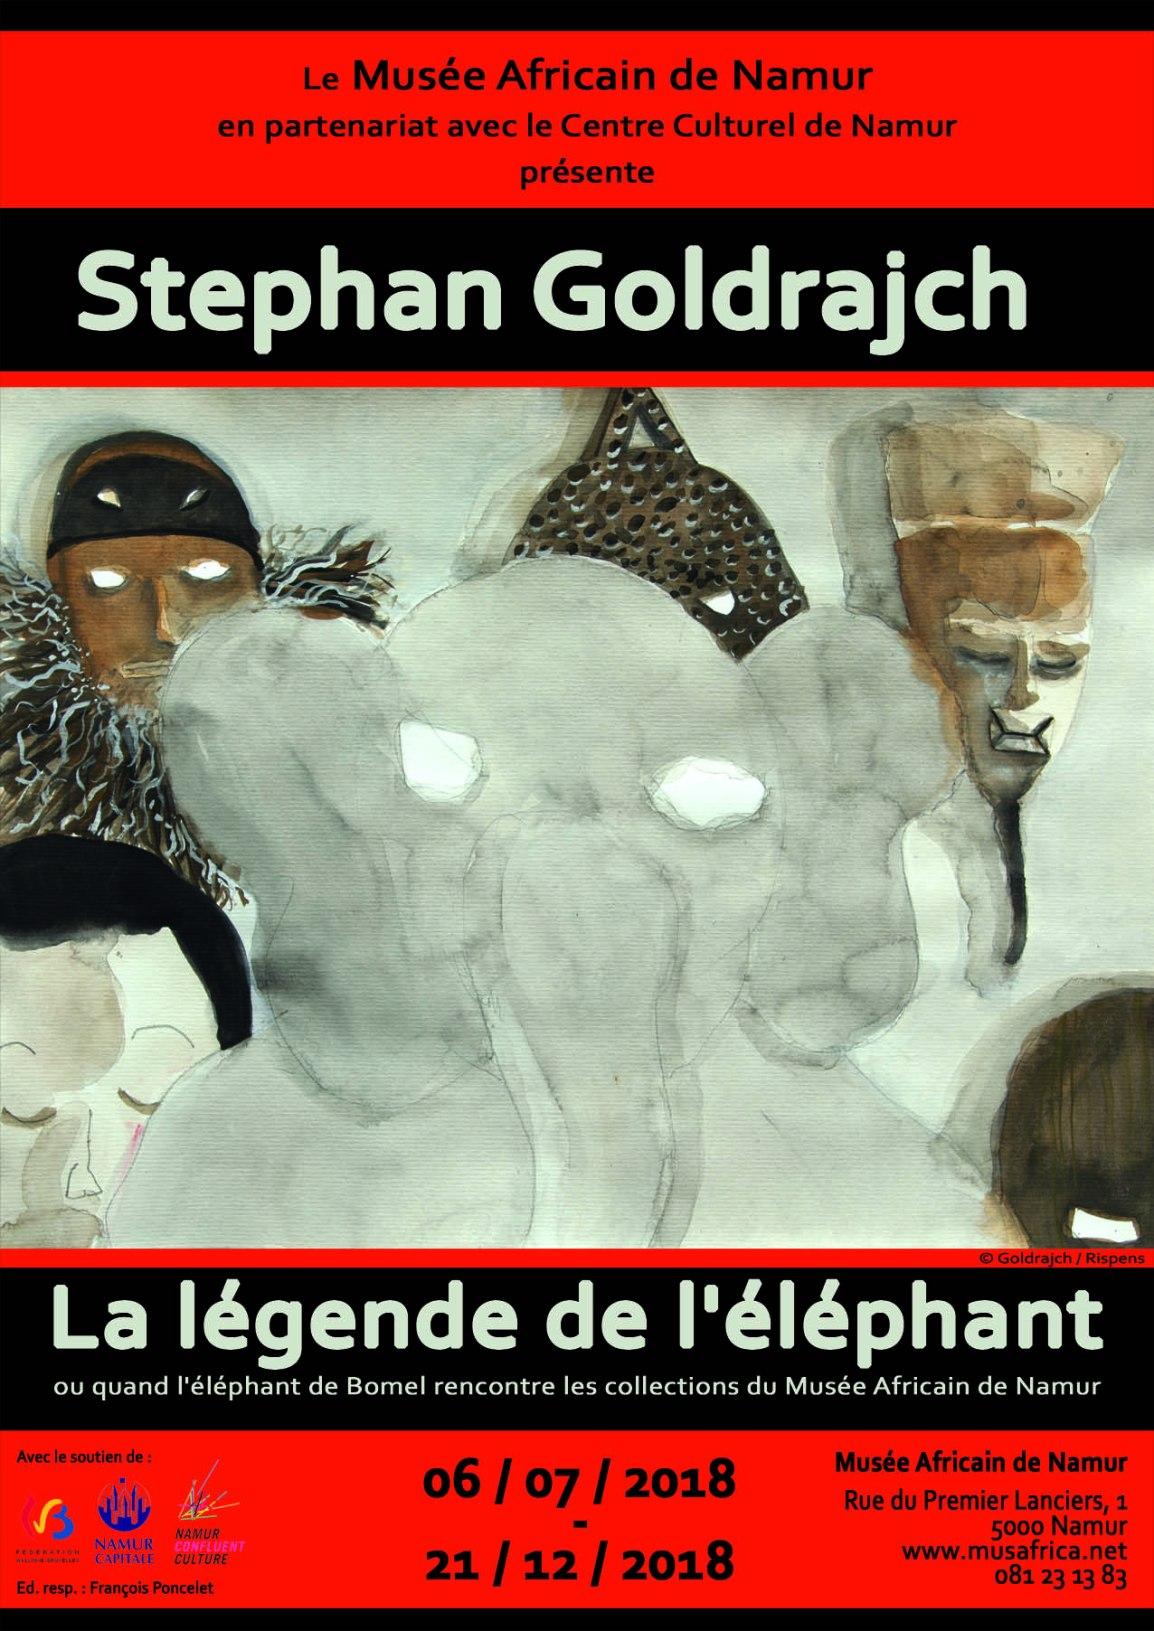 6 juillet, 18h00 : inauguration de l'exposition Stephan Goldrajch. La légende de l'éléphant.